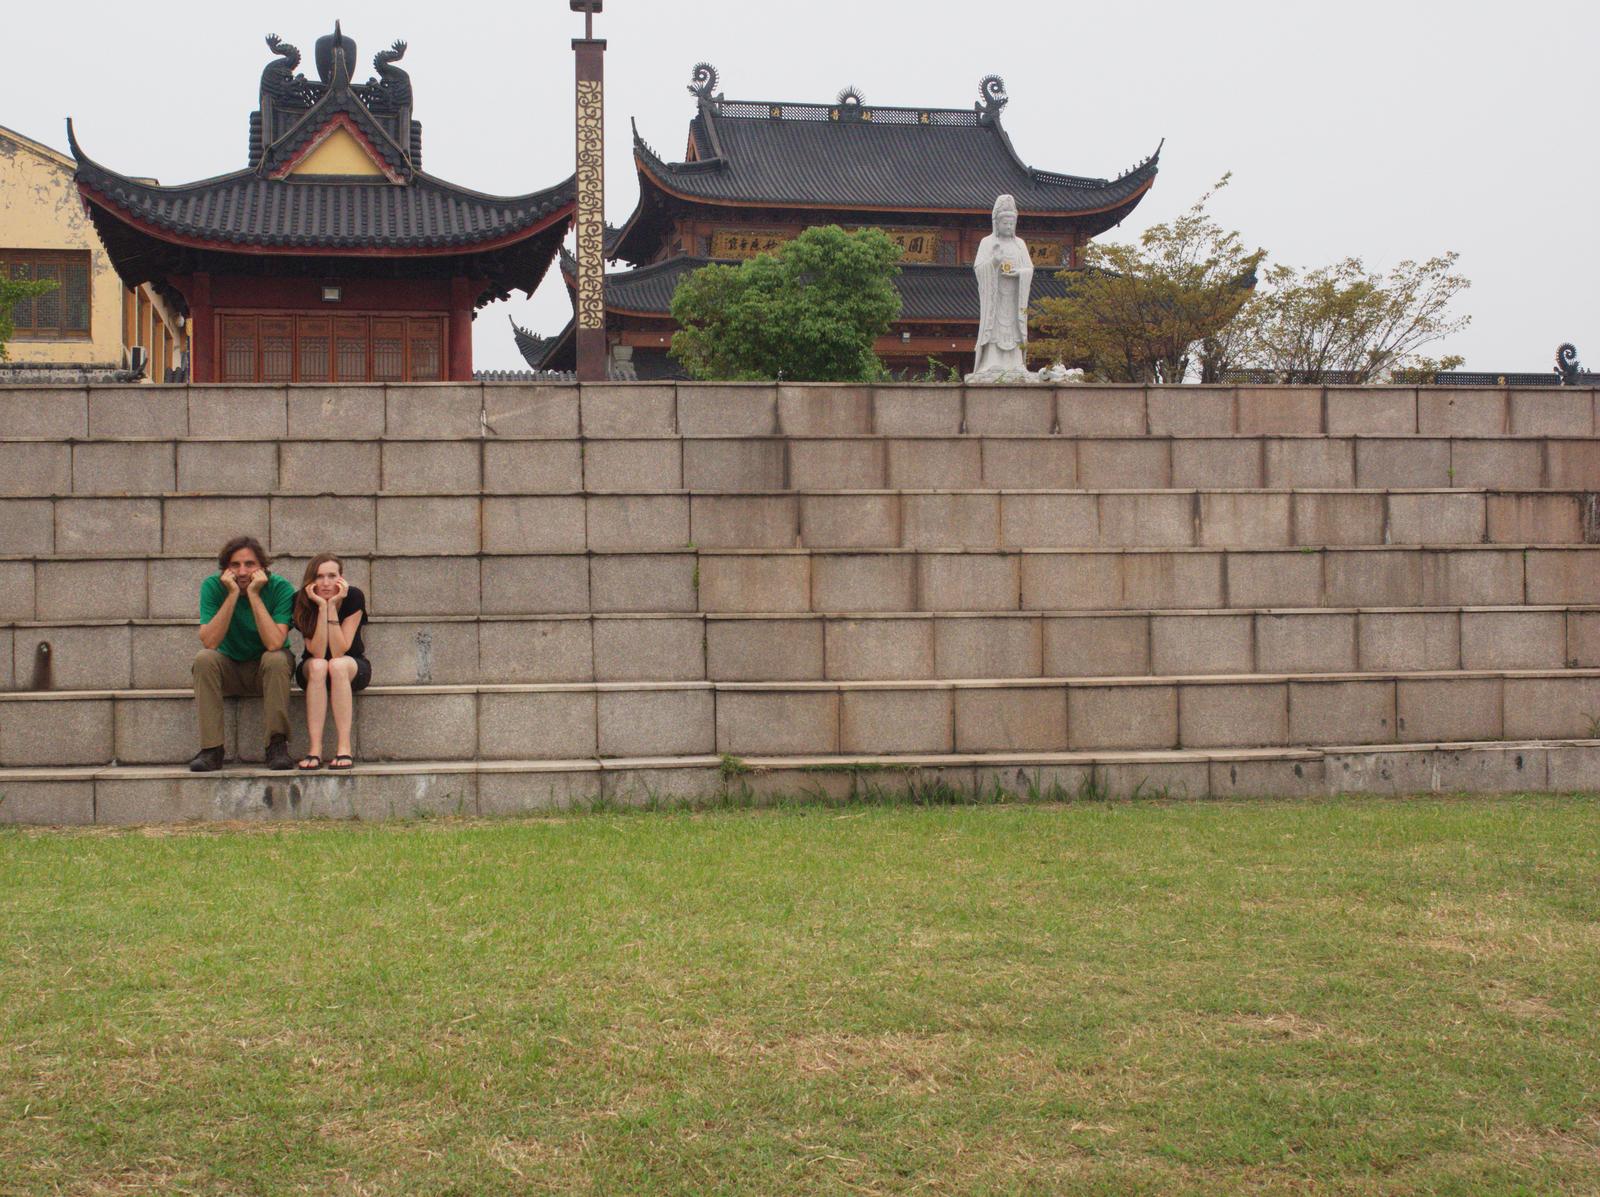 Yanguang